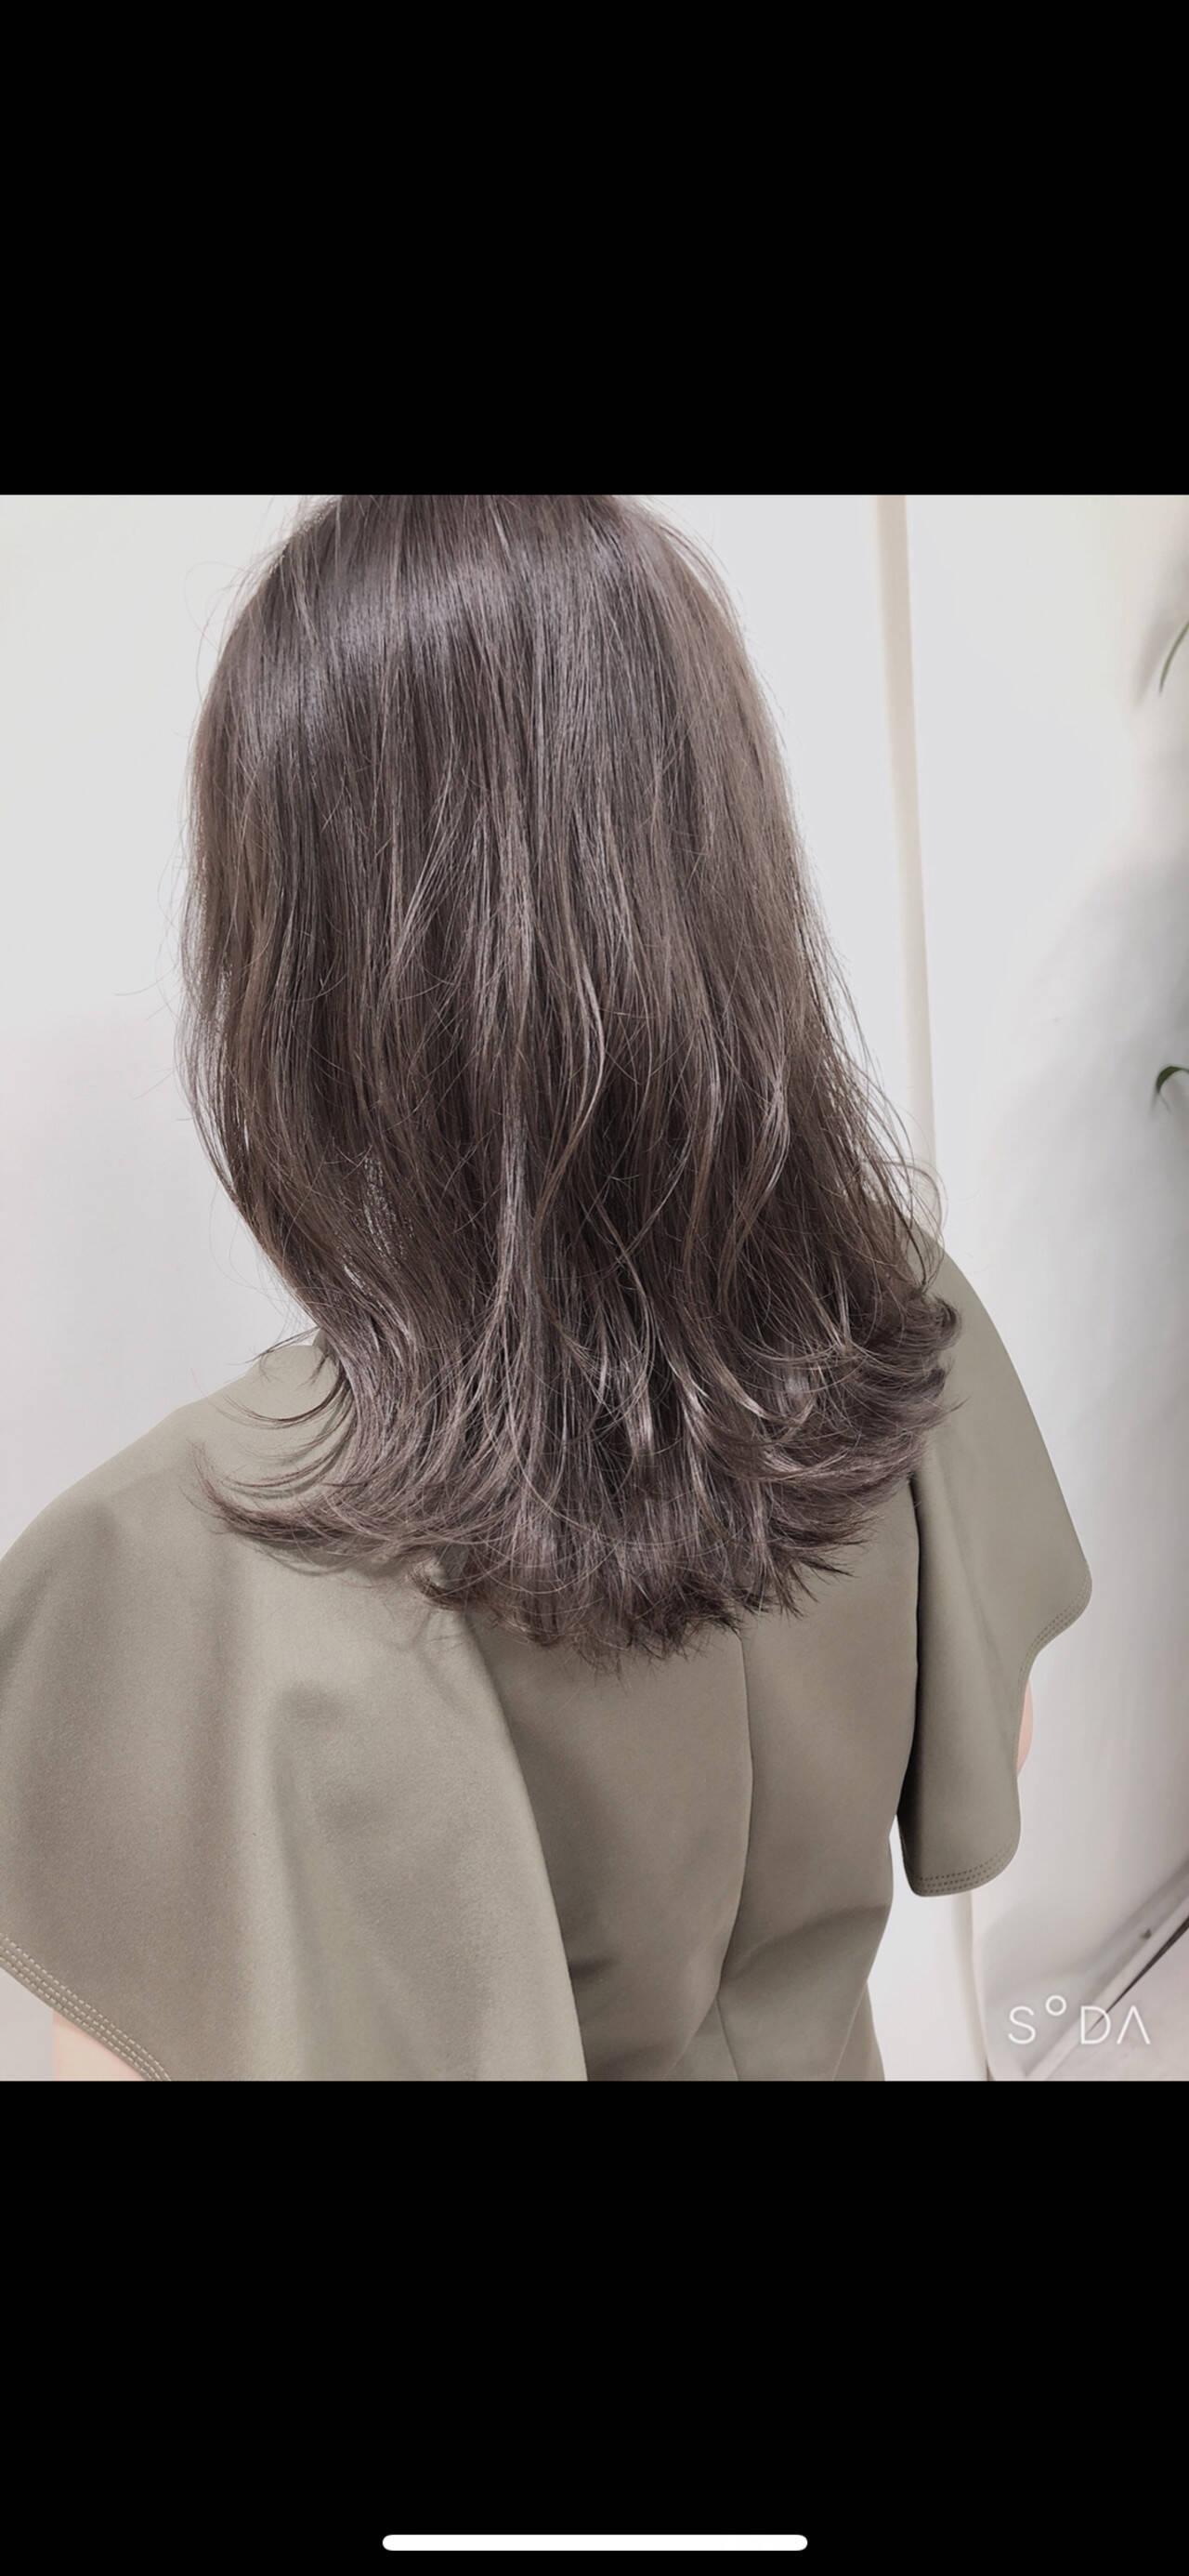 フェミニン シルバーアッシュ ミディアム グレージュヘアスタイルや髪型の写真・画像